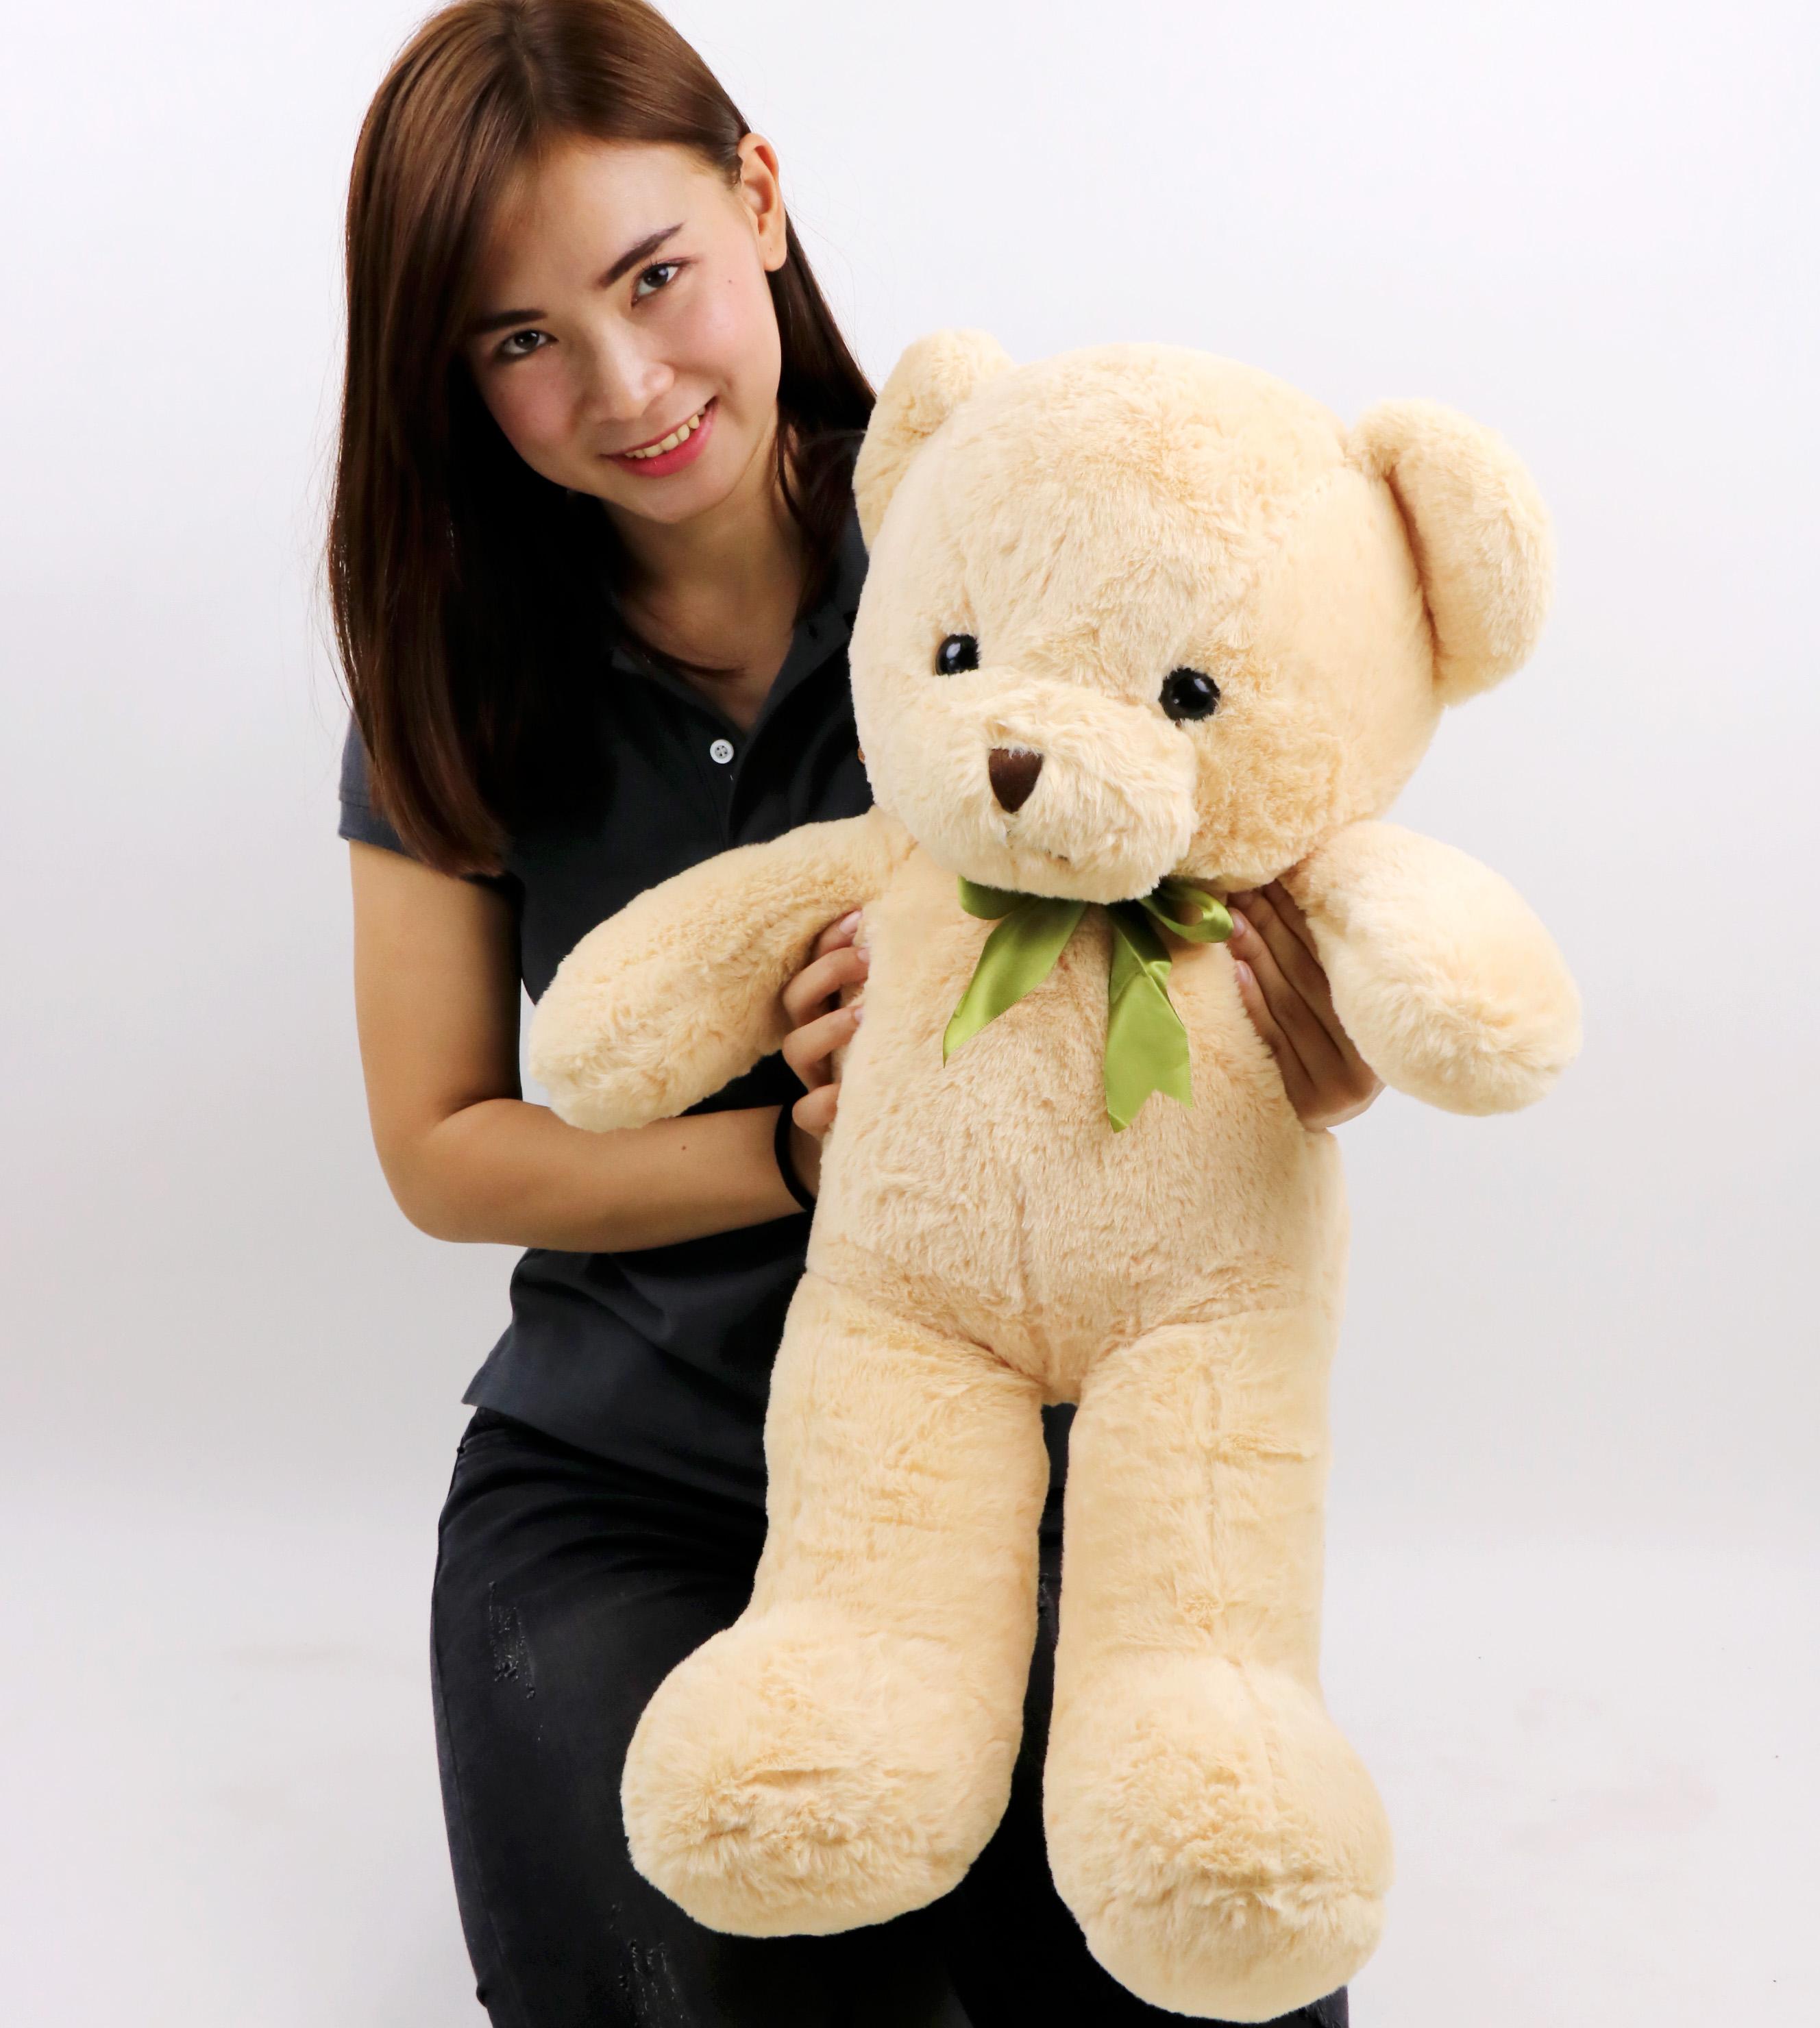 ตุ๊กตาหมีหน้าสวย ขนนุ่ม ขนาด 80 ซม. ผูกริบบิ้น น่ารักมาก